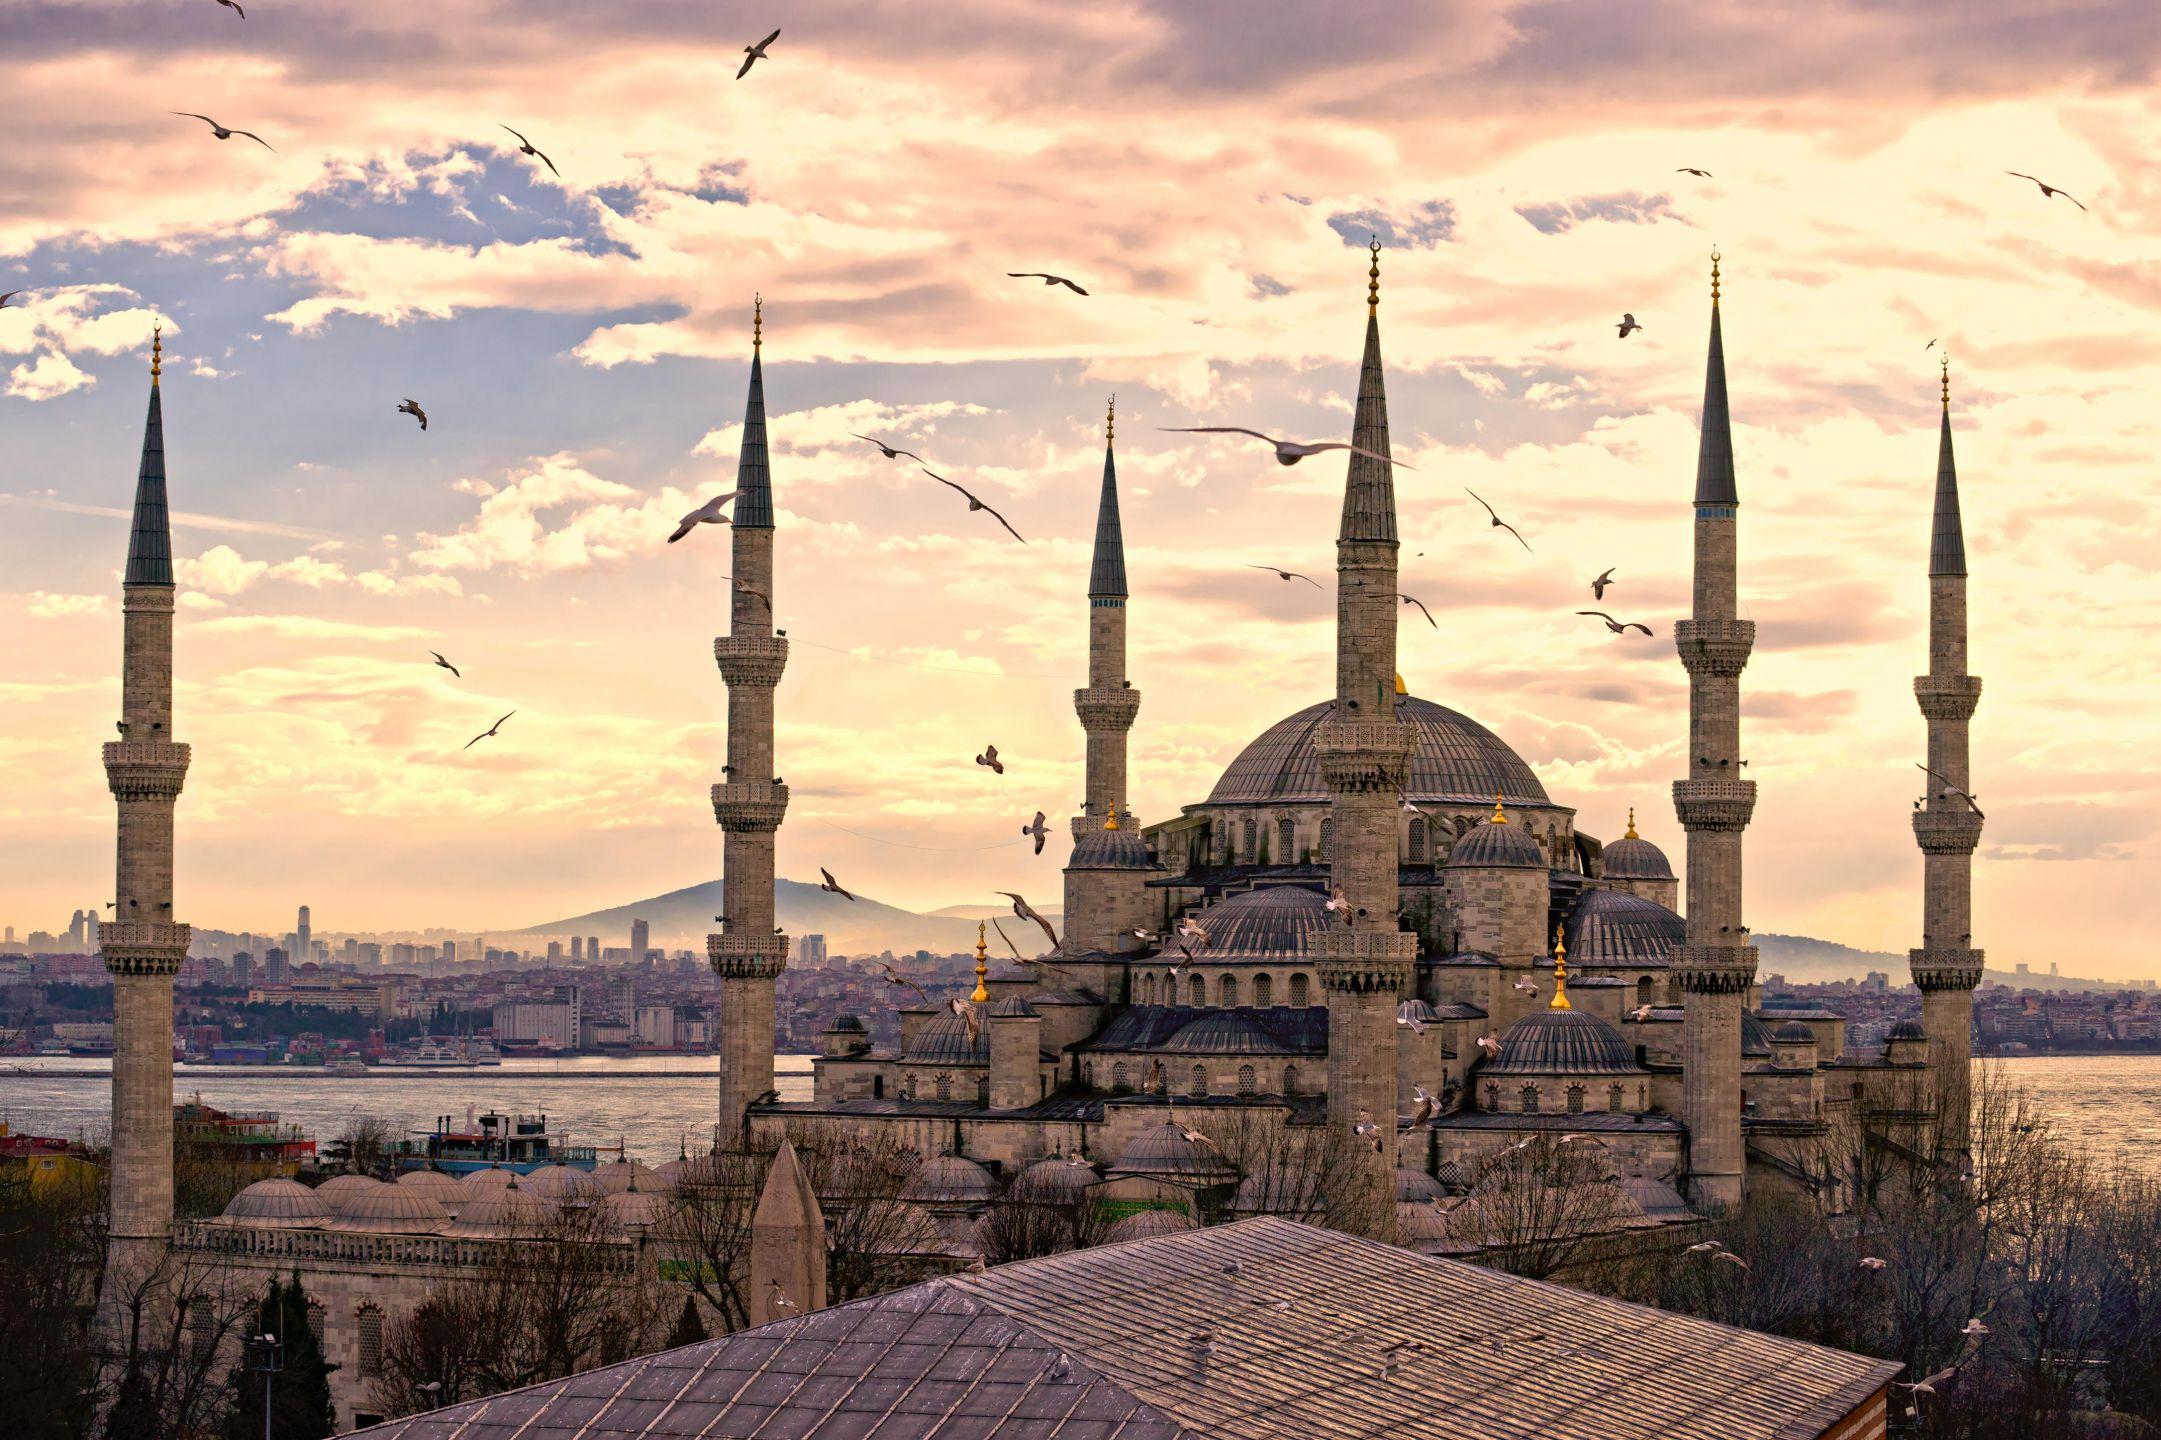 Η Κωνσταντινούπολη, είναι η μεγαλύτερη πόλη της Τουρκίας, αποτελώντας το οικονομικό, πολιτιστικό και ιστορικό κέντρο της χώρας. Η Κωνσταντινούπολη είναι διηπειρωτική πόλη στην Ευρασία, με το ιστορικό και εμπορικό κέντρο να βρίσκεται στην ευρωπαϊκή πλευρά και περίπου το ένα τρίτο του πληθυσμού να ζει στην ασιατική πλευρά της Ευρασίας. Η Βενετία είναι πόλη χτισμένη πάνω σε μια ομάδα 118 μικρών νησιών που χωρίζονται από κανάλια και ενώνονται μεταξύ τους με γέφυρες. Βρίσκεται στην ομώνυμη ελώδη λιμνοθάλασσα που απλώνεται κατά μήκος της ακτογραμμής μεταξύ των εκβολών των ποταμών Πο και Πιάβε. Η Βενετία είναι φημισμένη για την ομορφιά της τοποθεσίας της, την αρχιτεκτονική της και τα έργα τέχνης της. Ολόκληρη η πόλη είναι καταγεγραμμένη ως Μνημείο Παγκόσμιας Κληρονομιάς, μαζί με τη λιμνοθάλασσά της.